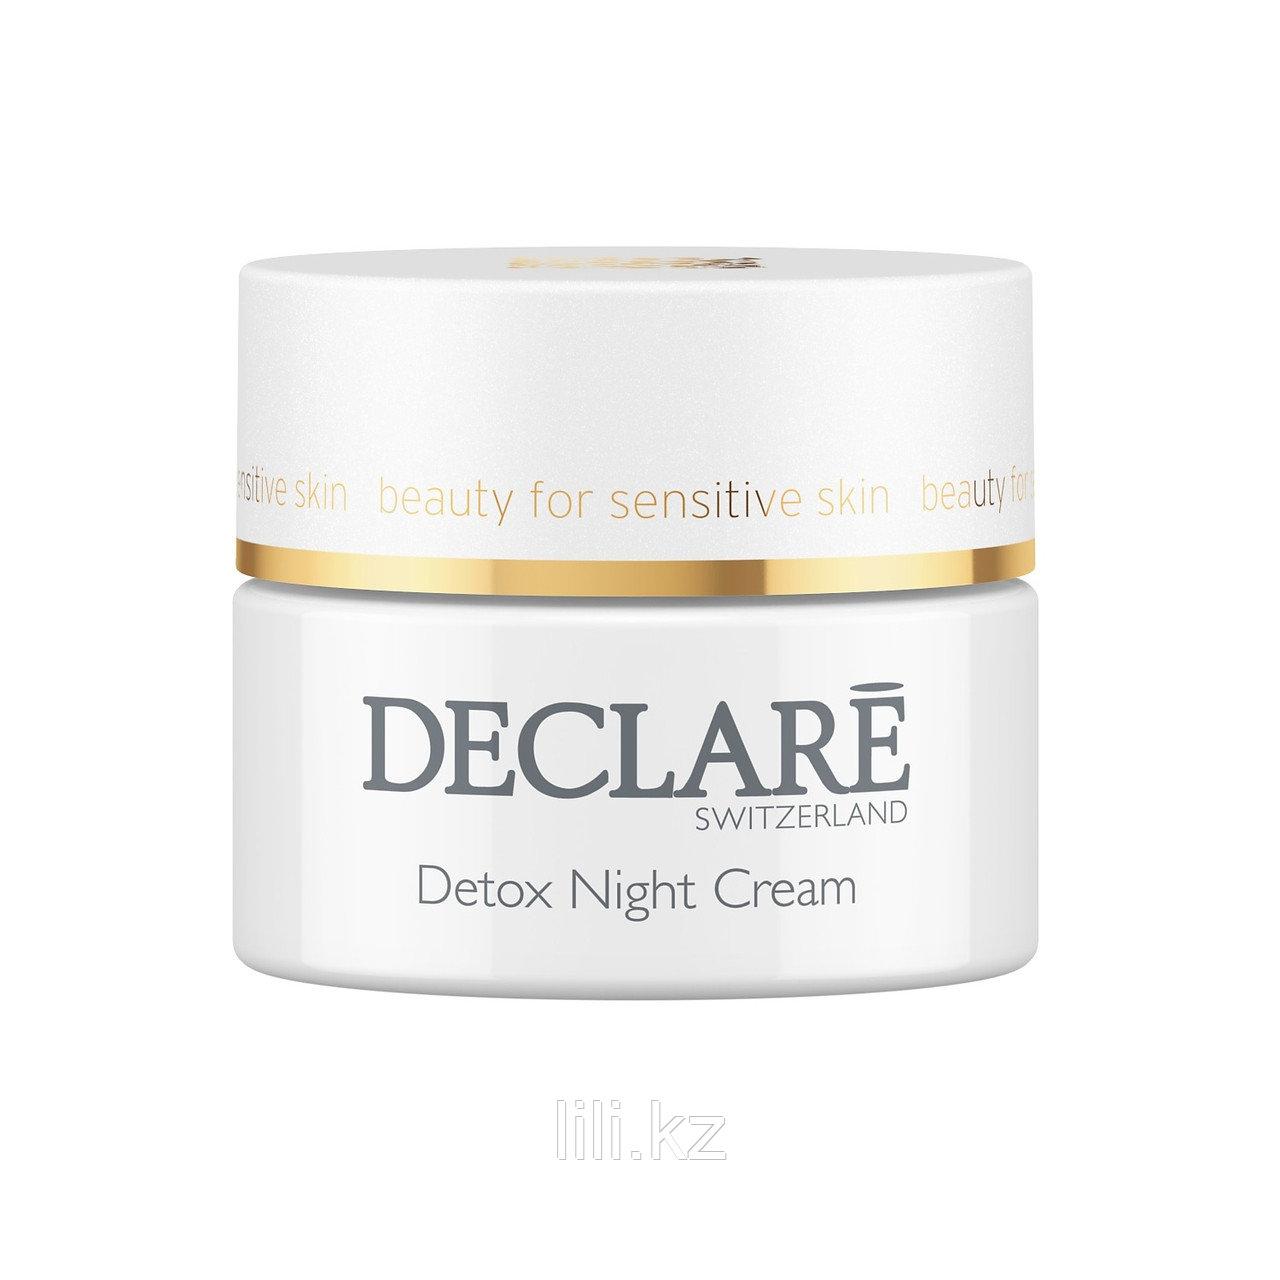 Ночной крем DETOX для омоложения кожи DECLARE Detox Night Cream 50 мл.